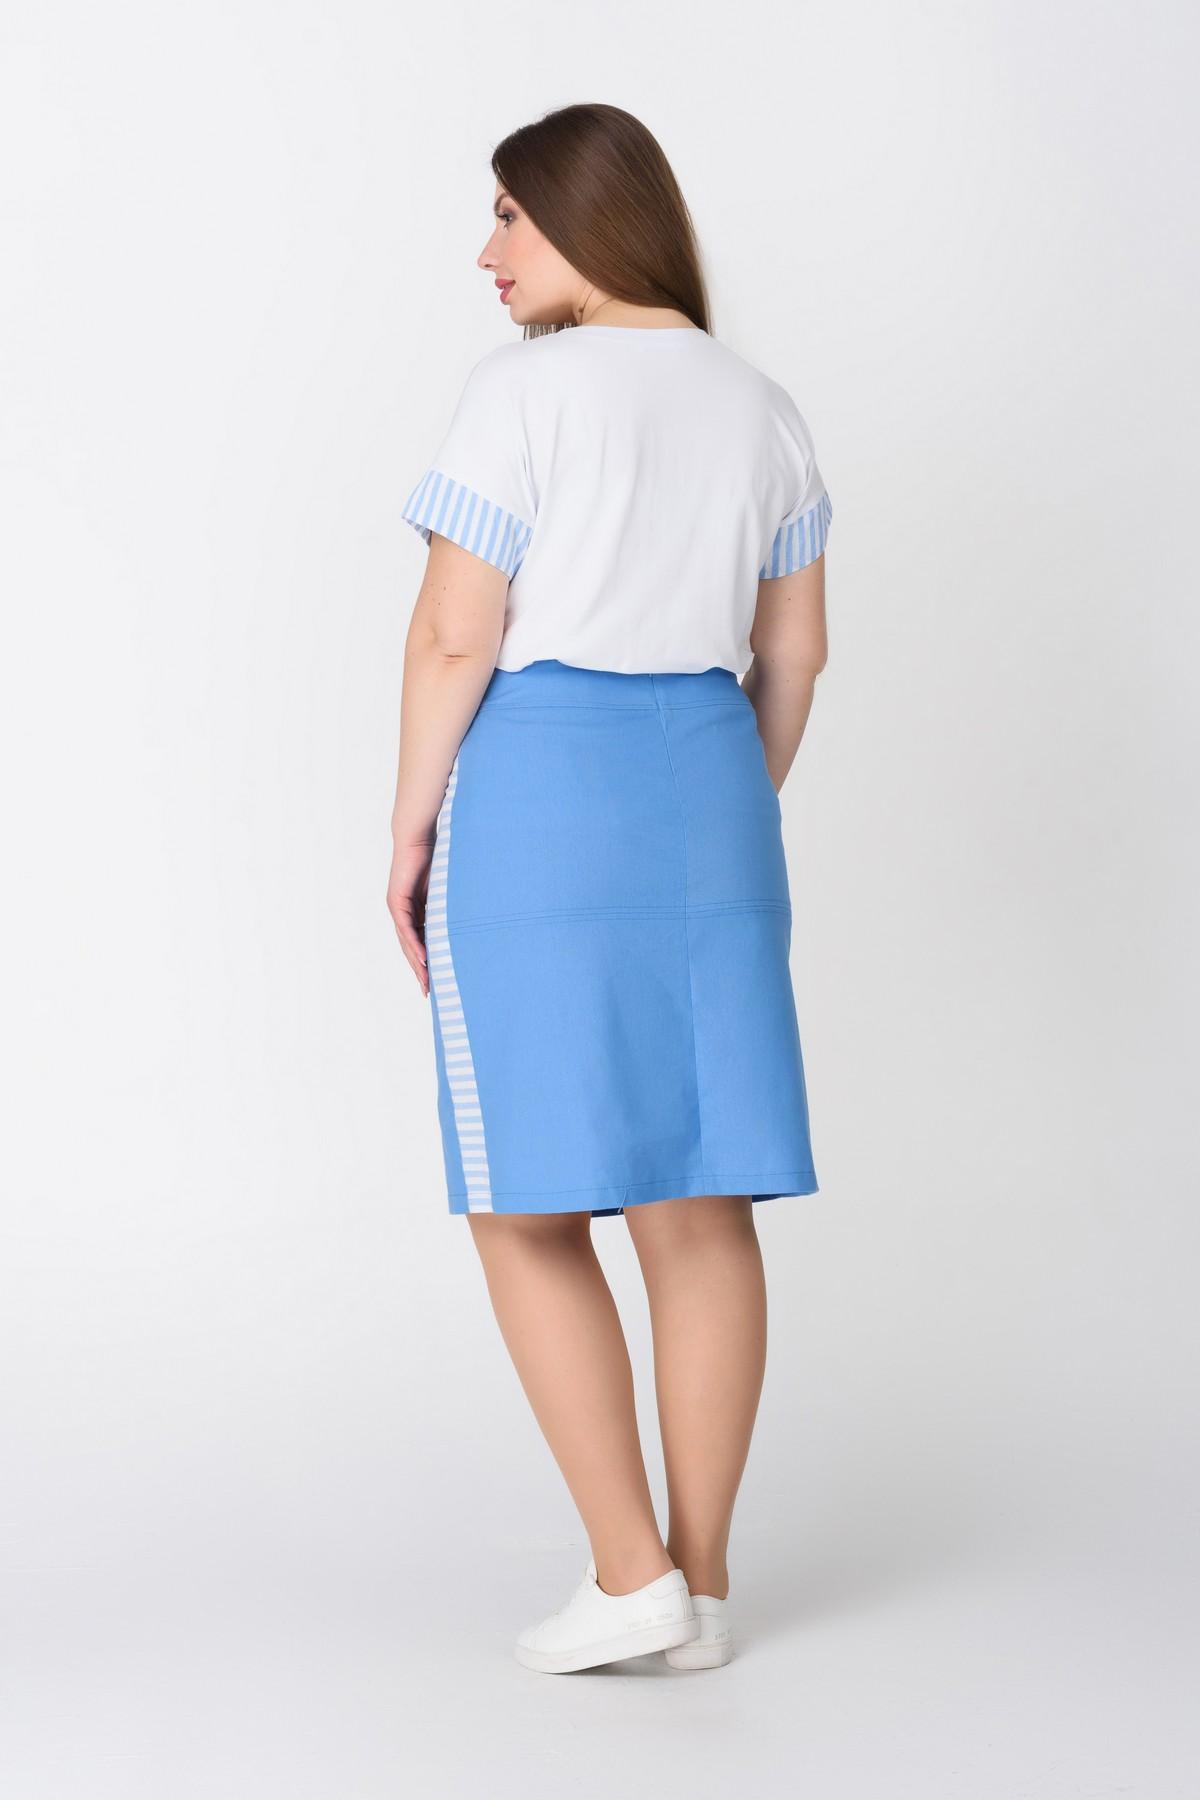 6abaf8c3d87 Голубая юбка ниже колена RM1292-B-19DU